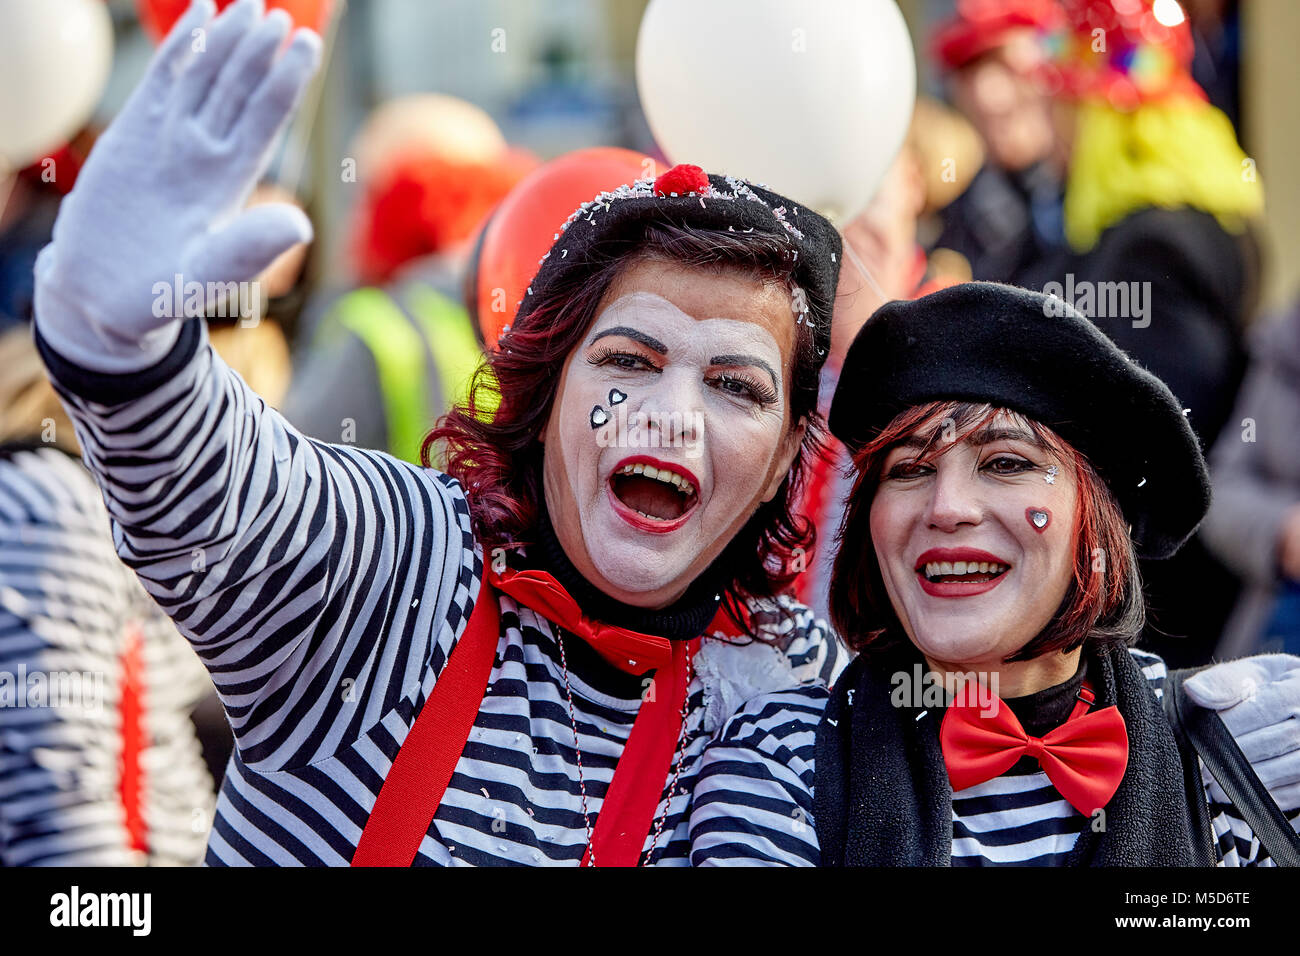 Two women in disguise at the Möhnenumzug, carnival, Mülheim-Kärlich, Rhineland-Palatinate, Germany - Stock Image